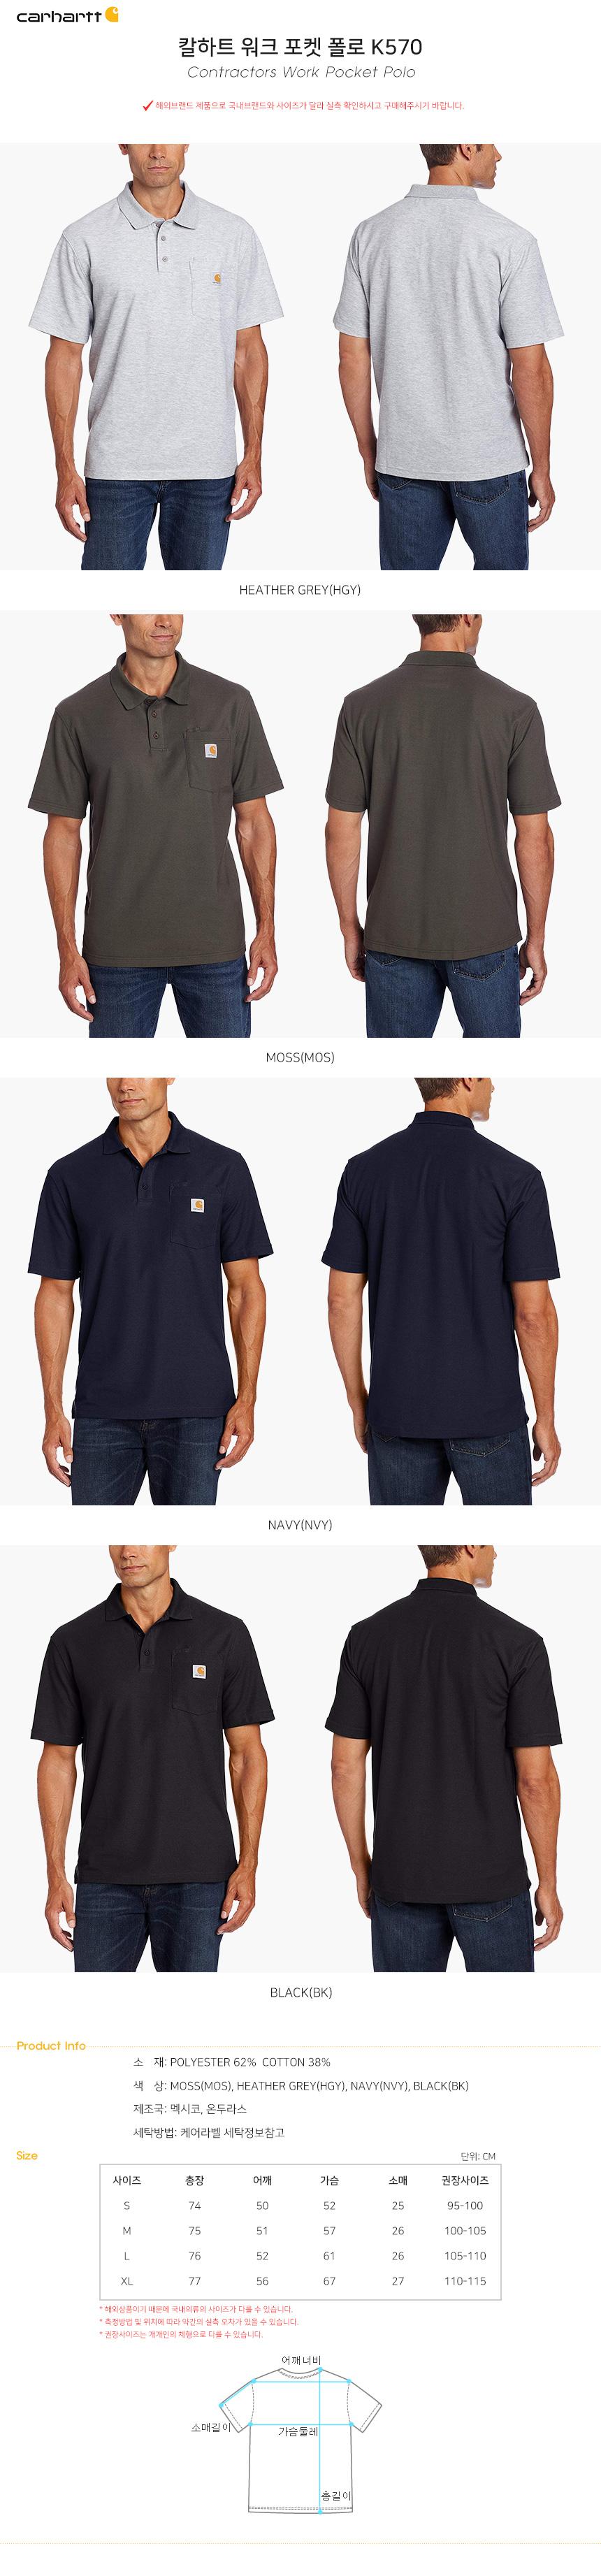 칼하트(CARHARTT) 폴로 티셔츠 K570